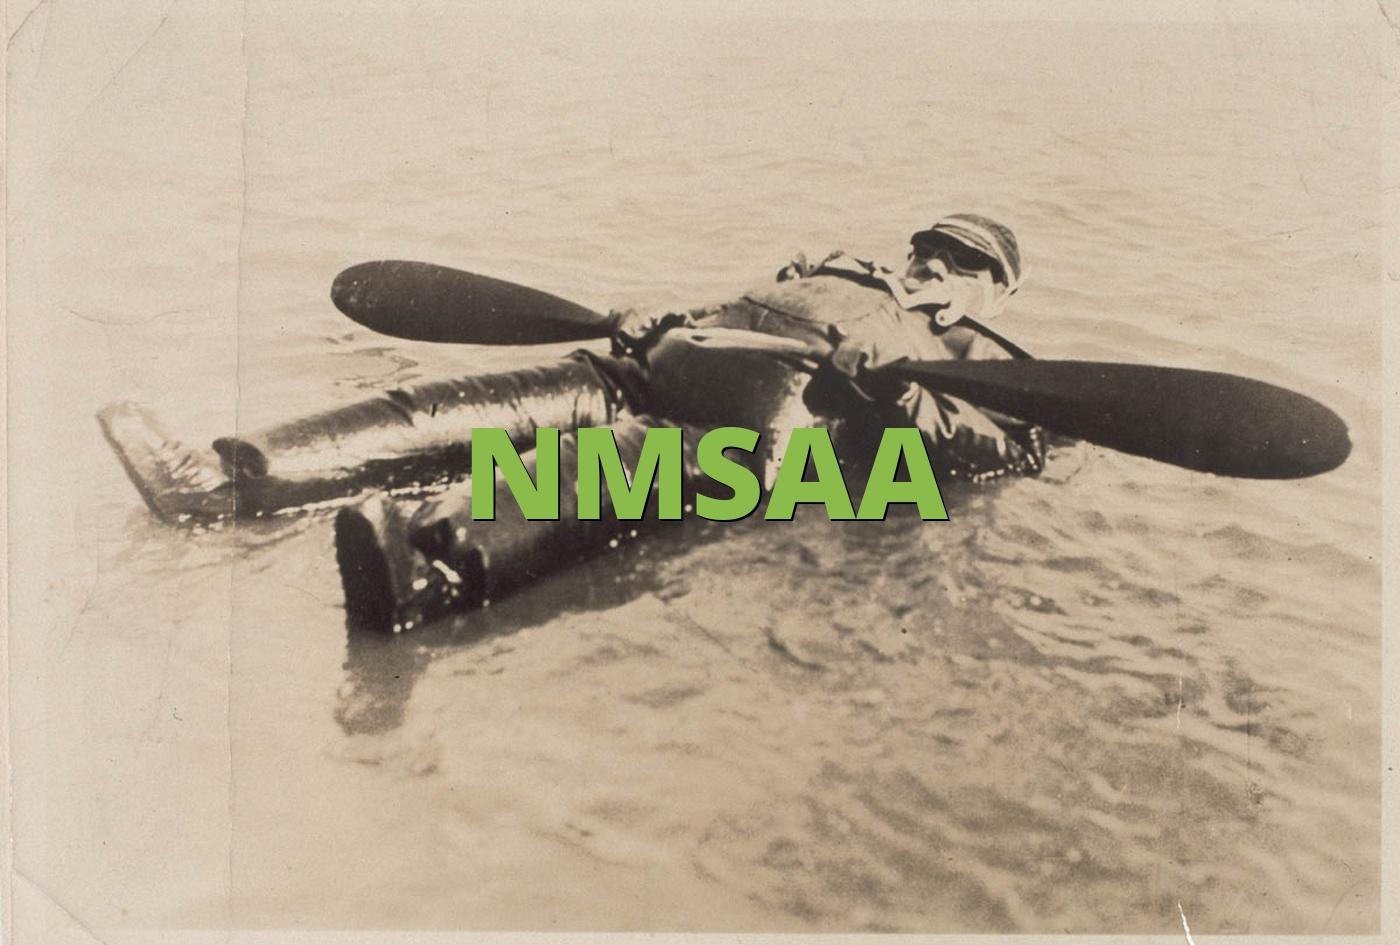 NMSAA